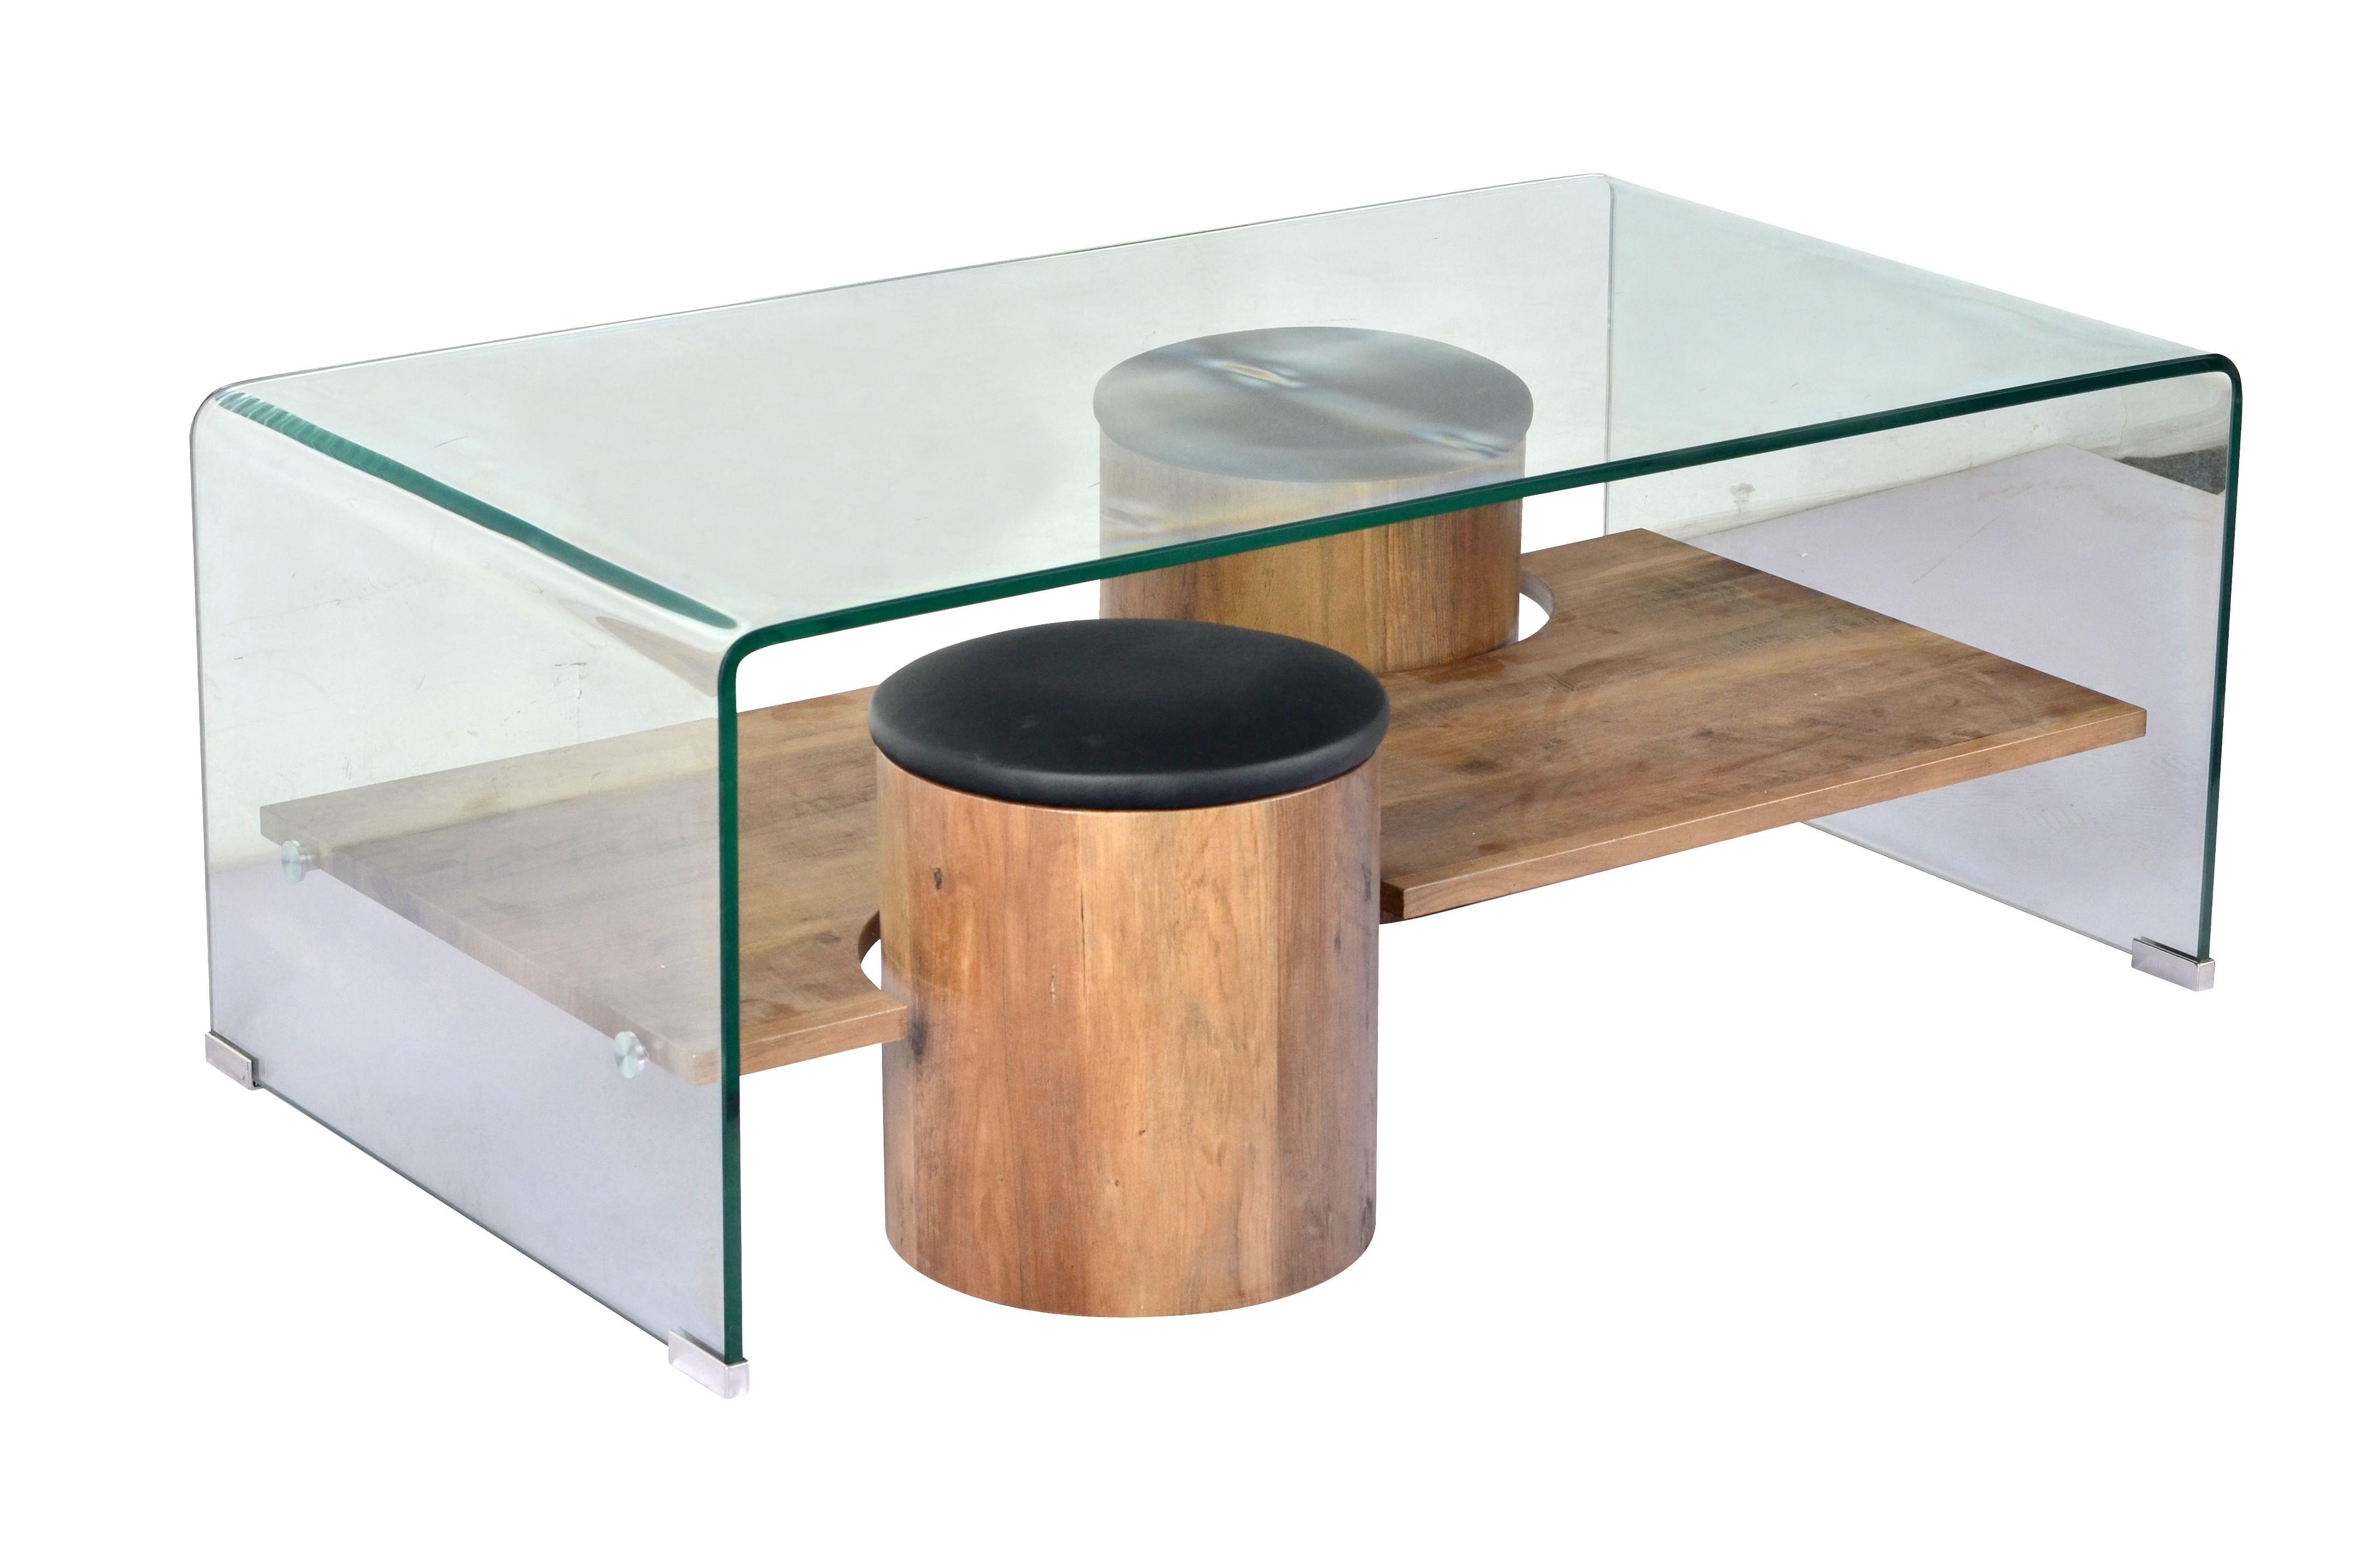 table basse verre tremp ch ne naturel 2 poufs topy. Black Bedroom Furniture Sets. Home Design Ideas